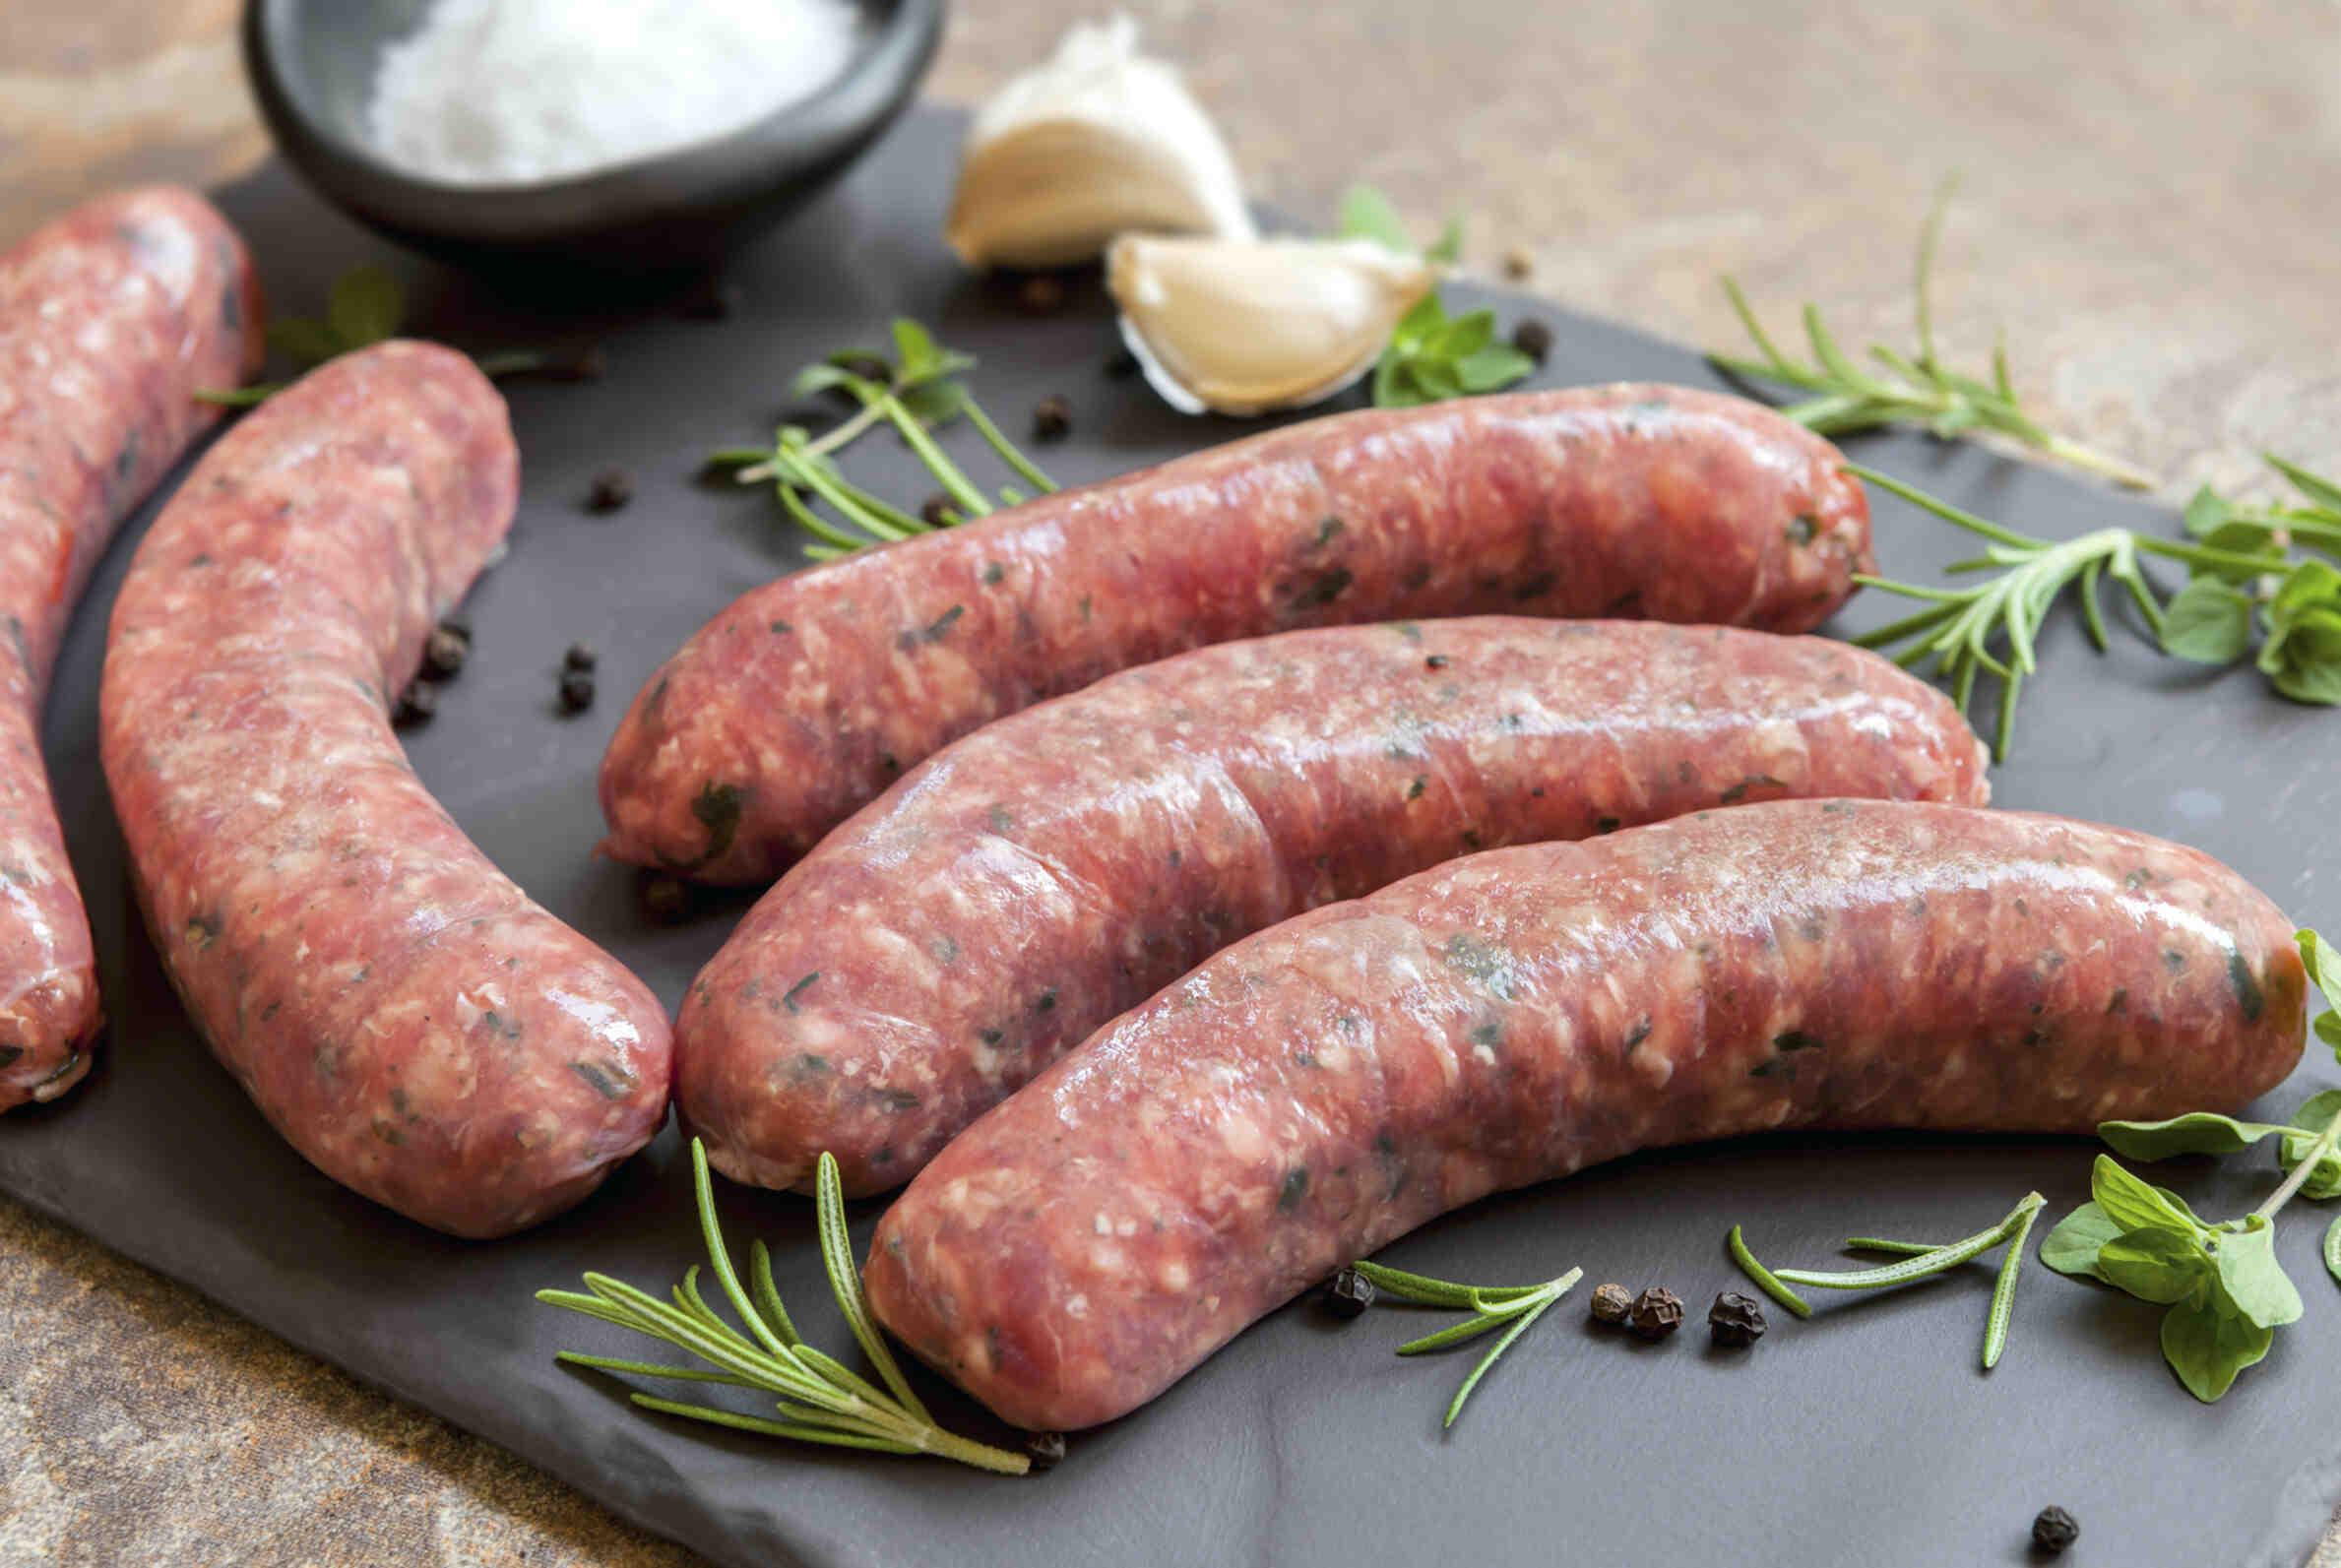 Comment faire cuire des saucisses ?